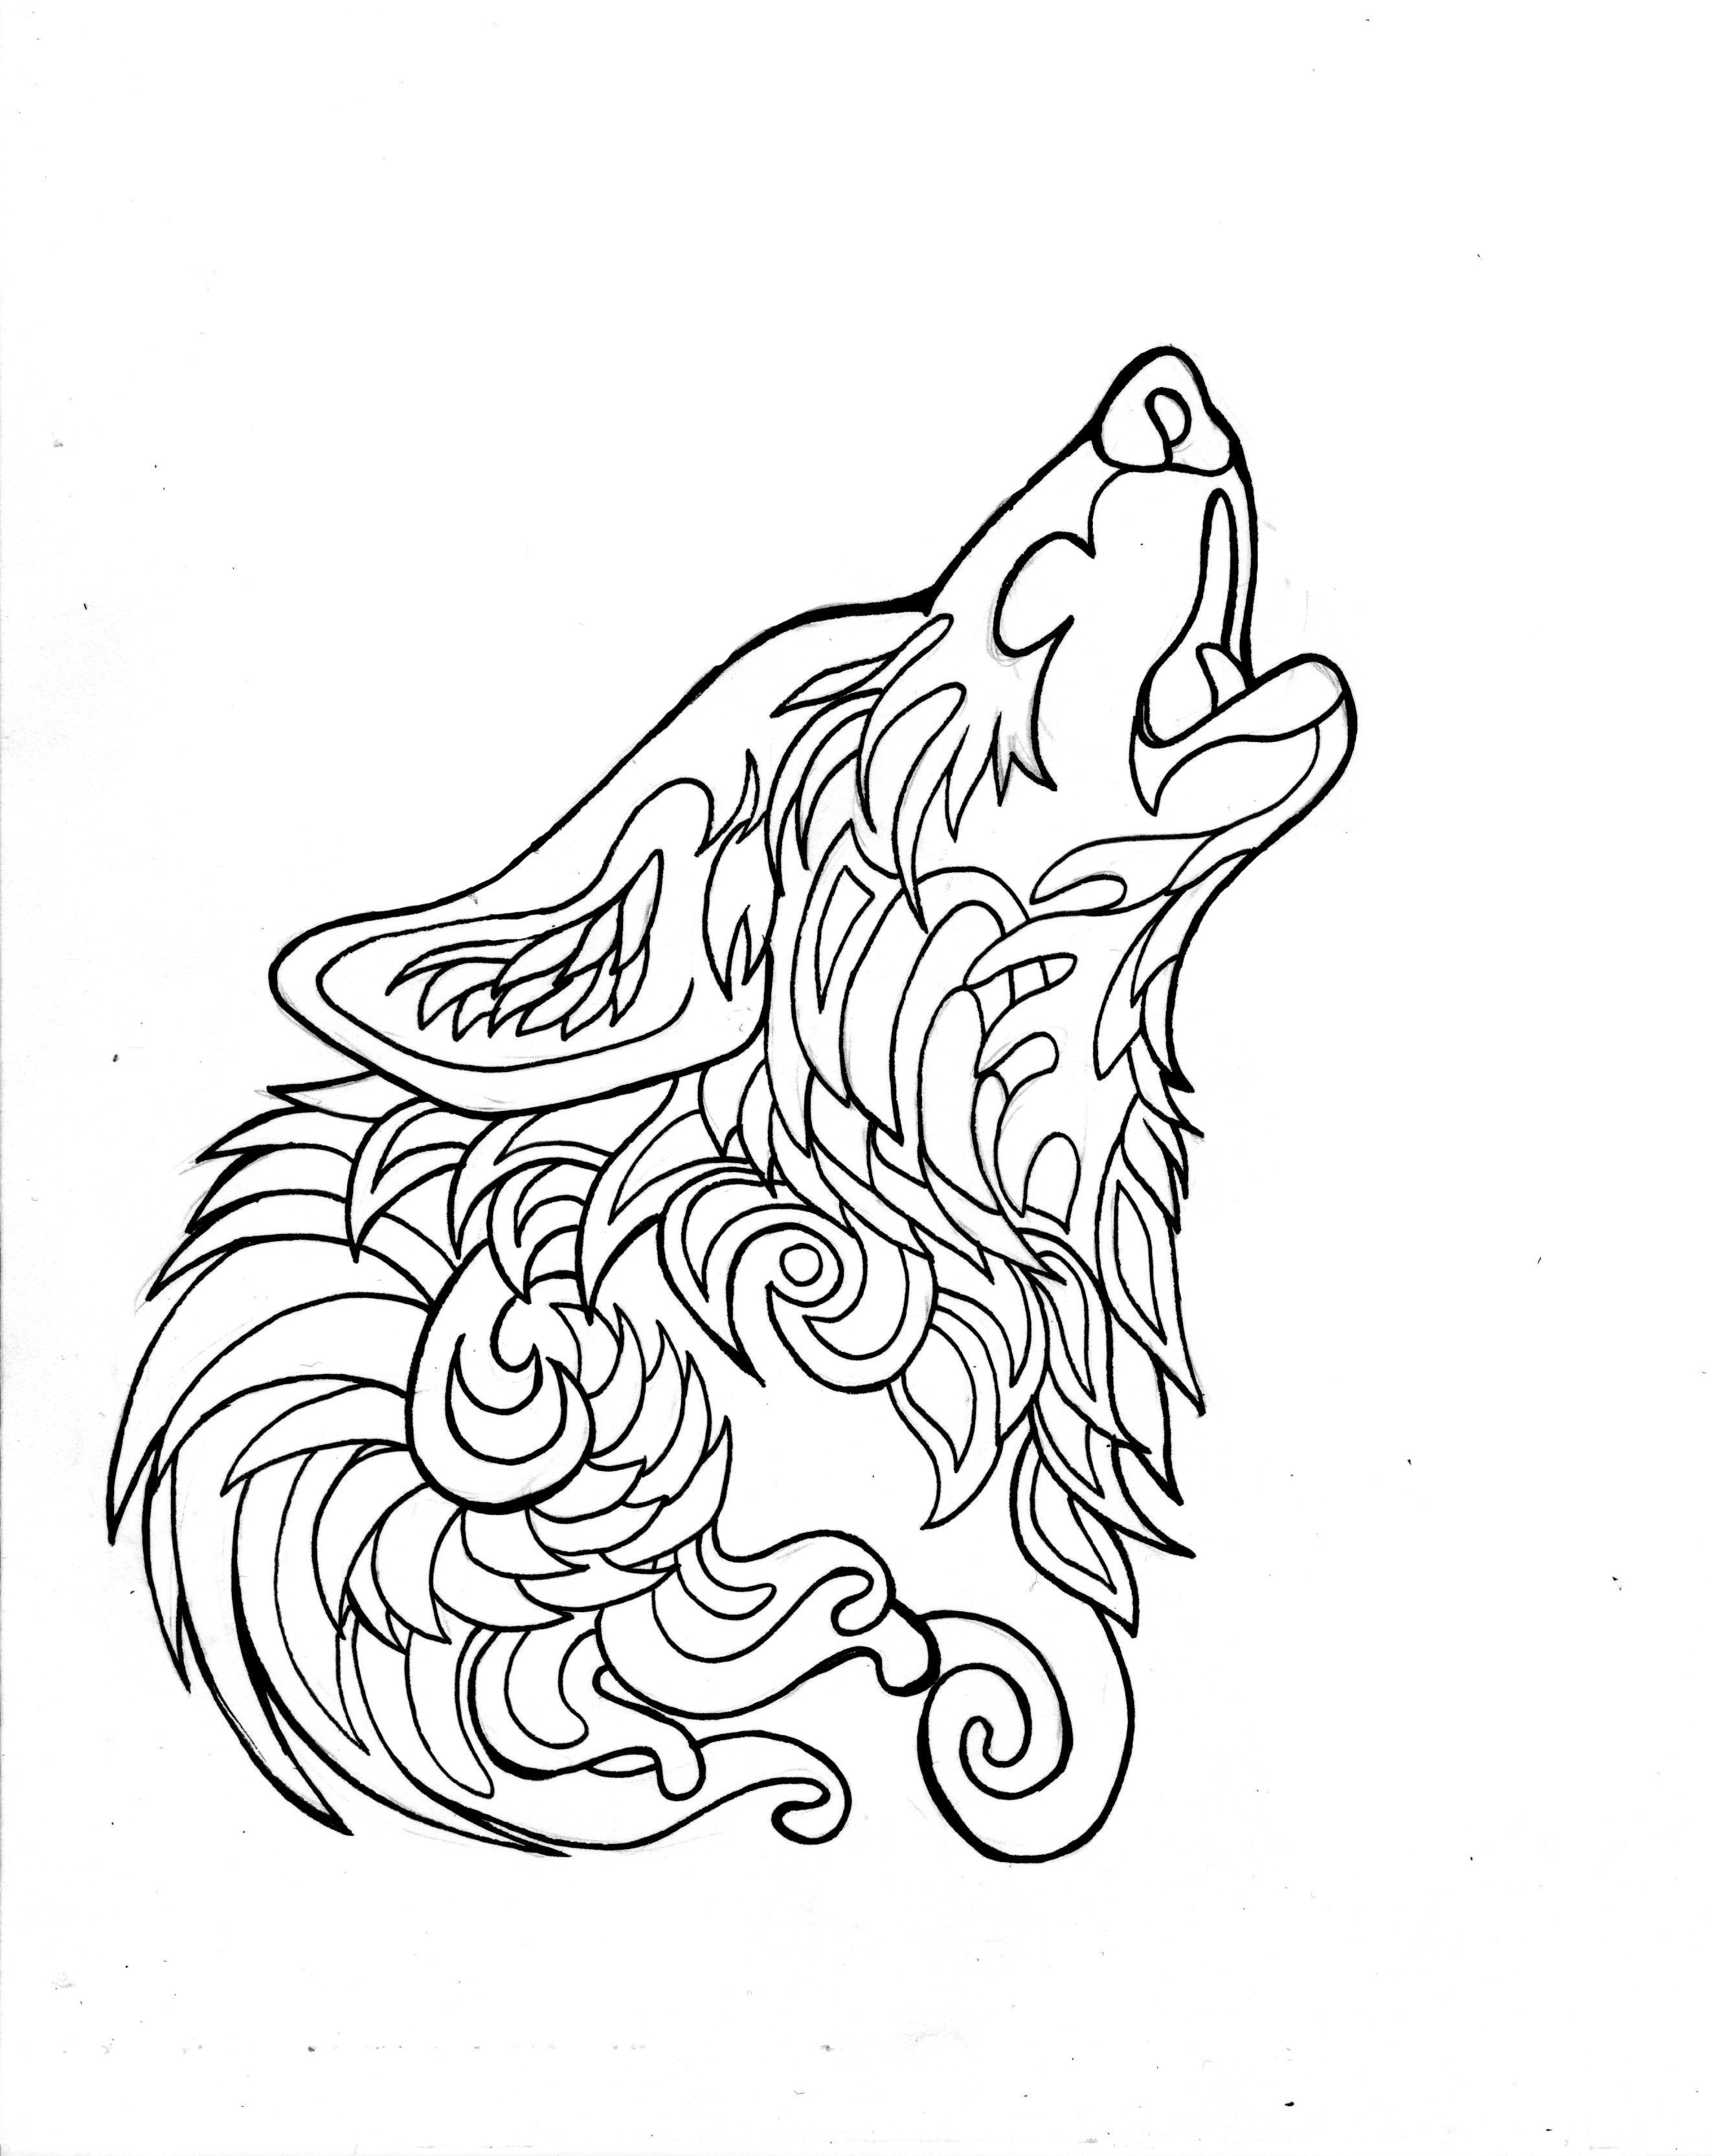 Dessin De Loup Garou Facile Dernier Plan Bo Loup Dessins De Loup Pinterest Animal Coloring Pages Wolf Colors Mandala Coloring Pages